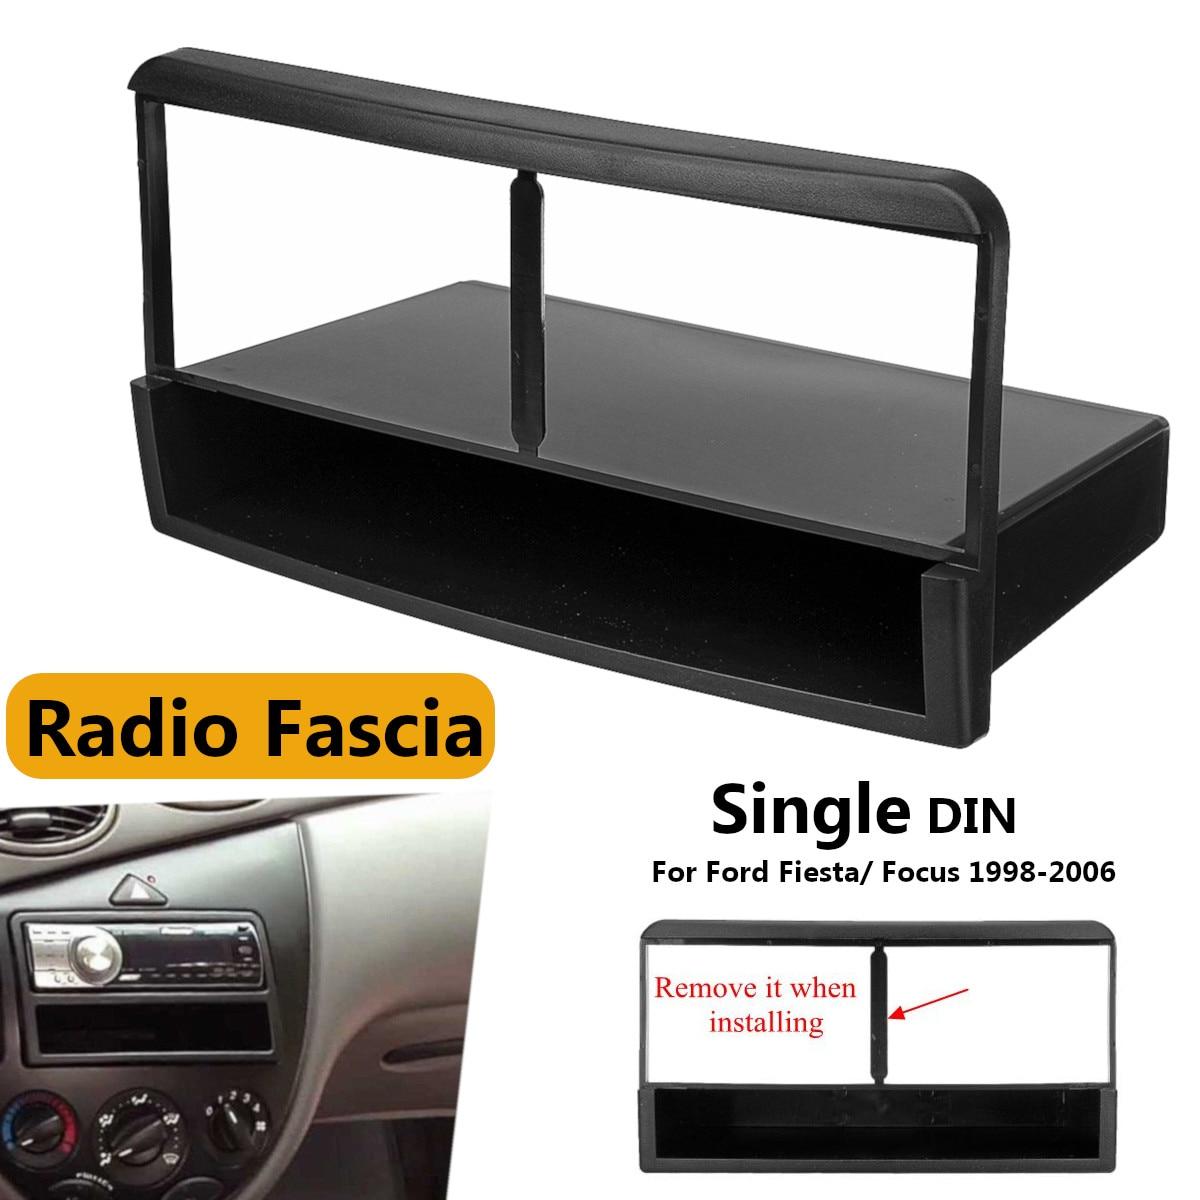 1 דין רכב סטריאו רדיו DVD Fascia פנל צלחת מסגרת פנל אודיו דאש הר ערכת מתאם עבור פורד לפיאסטה לפוקוס 1998-2006